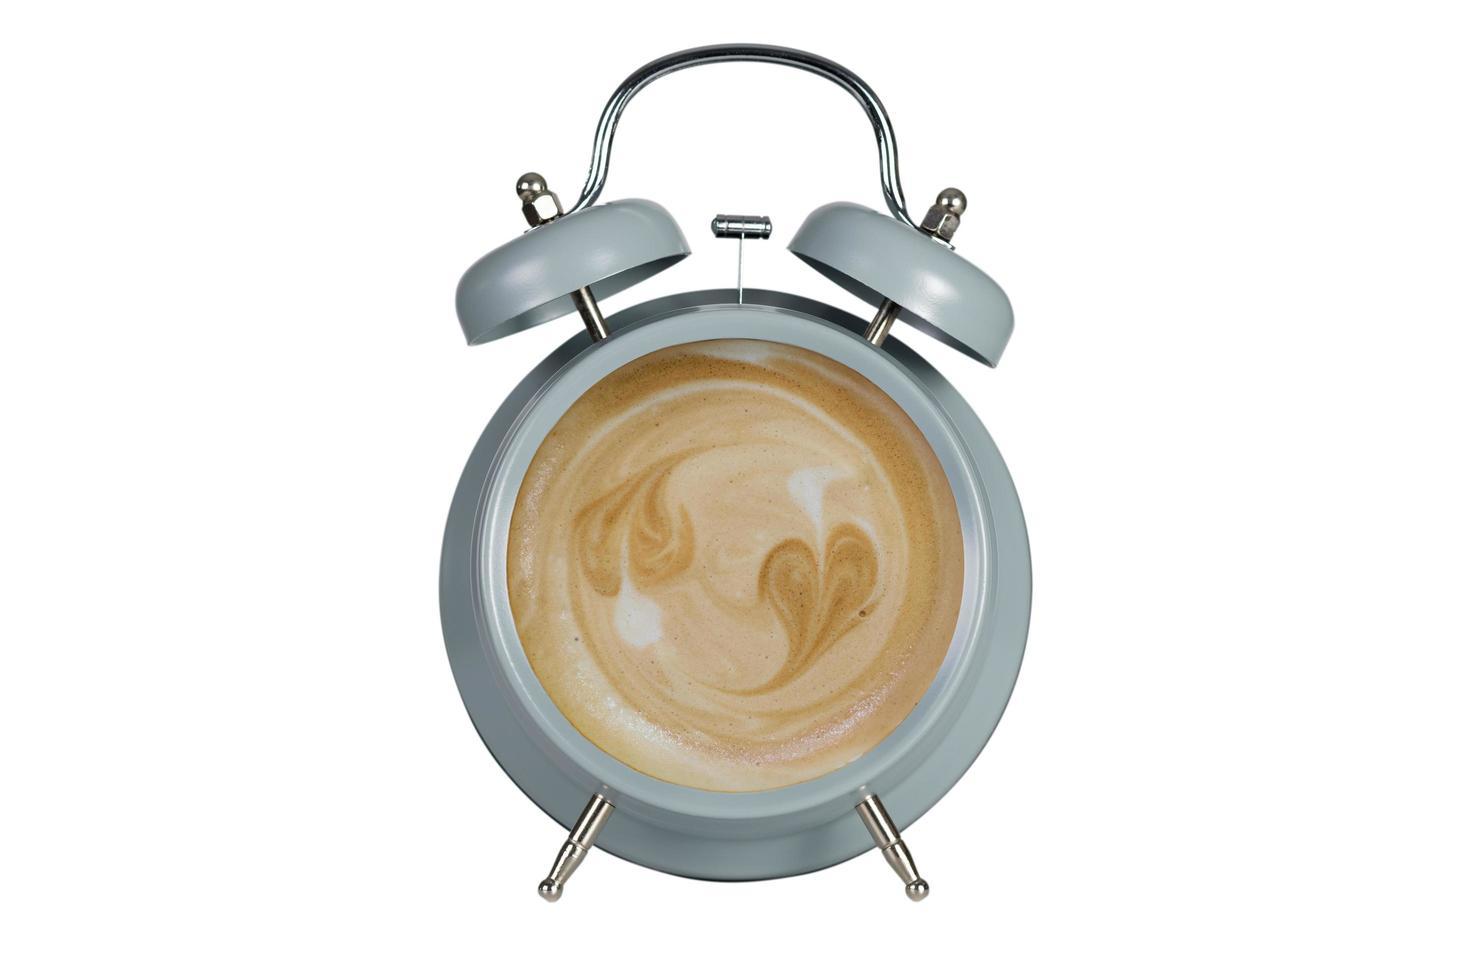 heißer Kaffee mit schaumigem Schaum in einem blauen Wecker foto